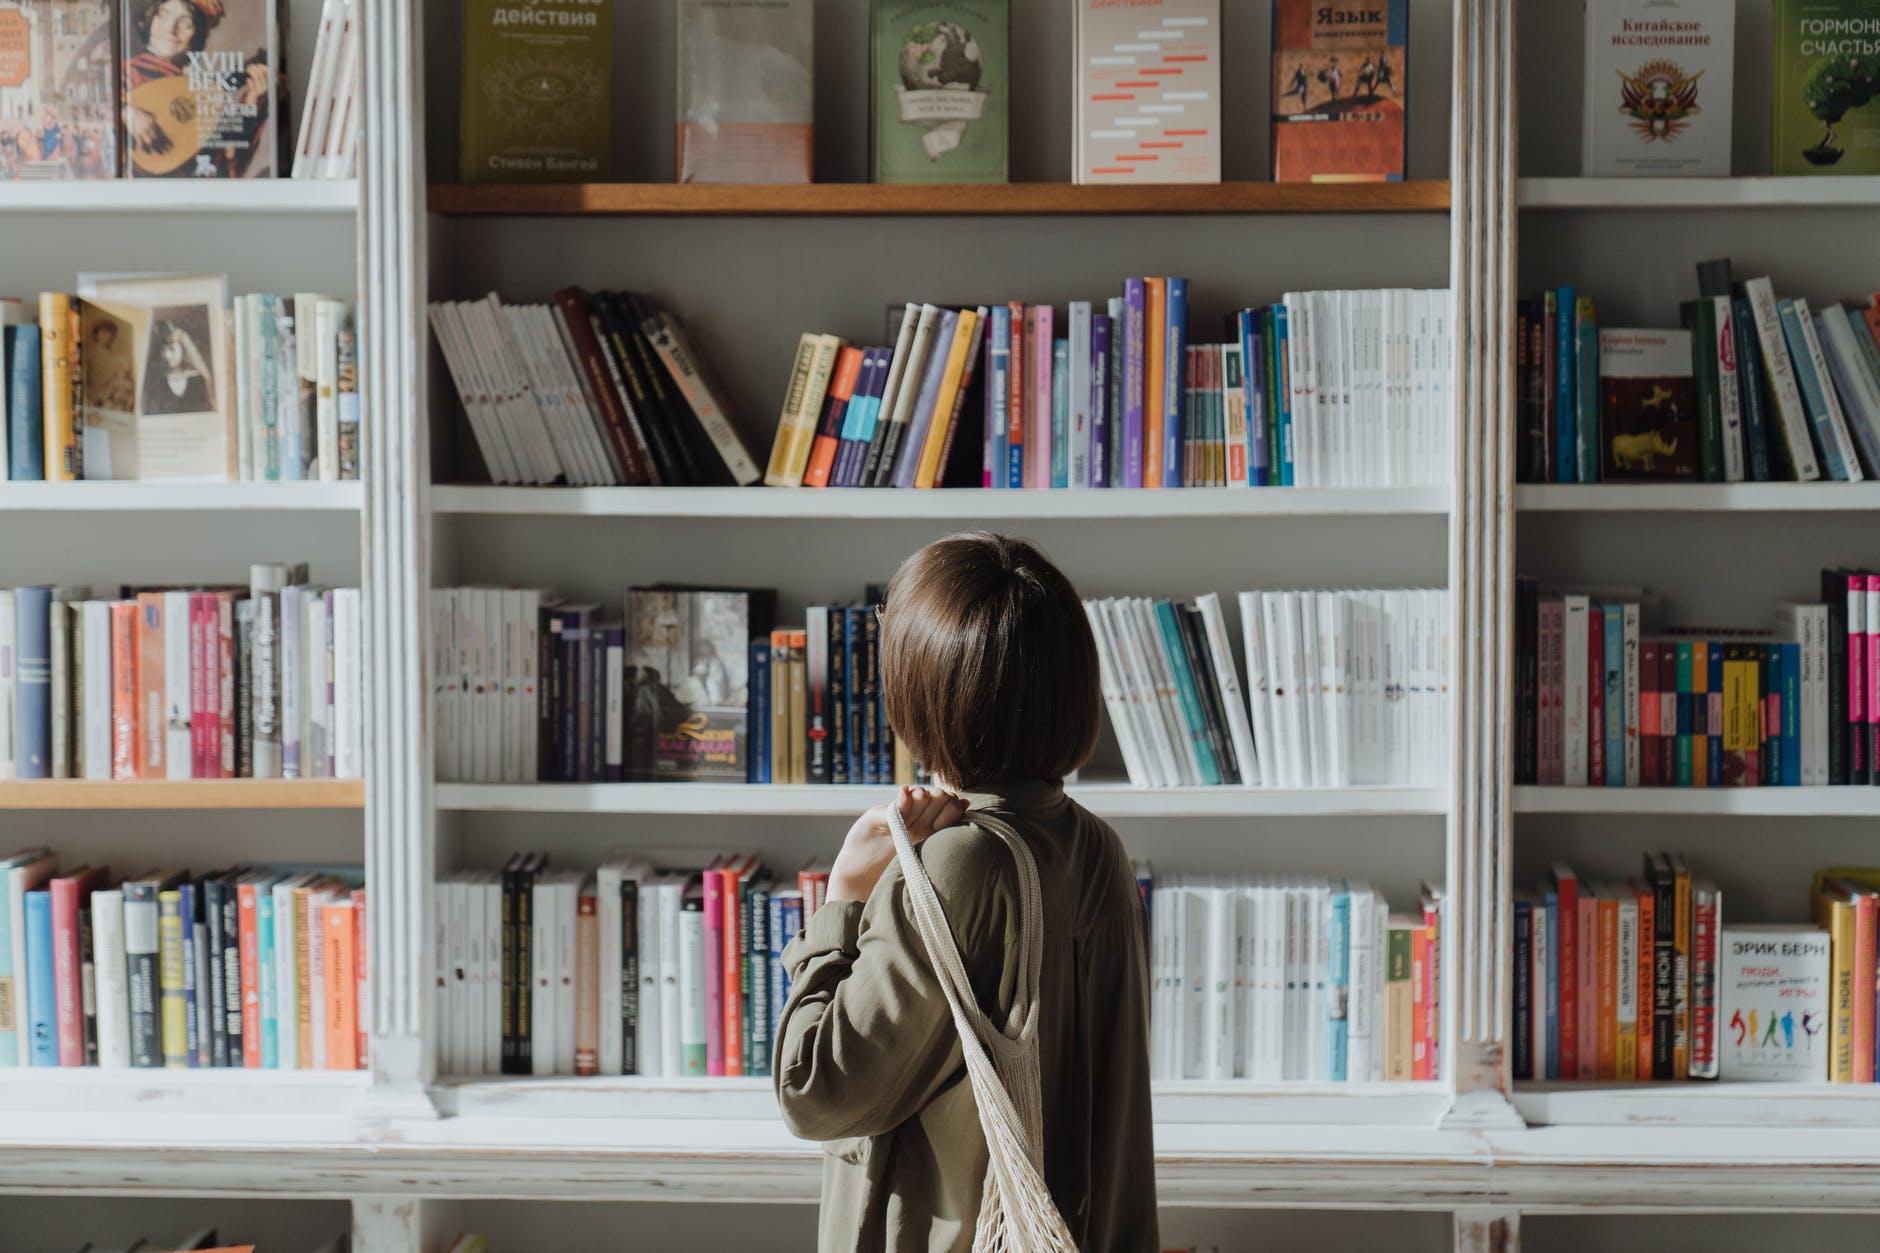 Dėl bibliotekininkų atlyginimų ir padėjėjų poreikio politikai spręs iš naujo 1